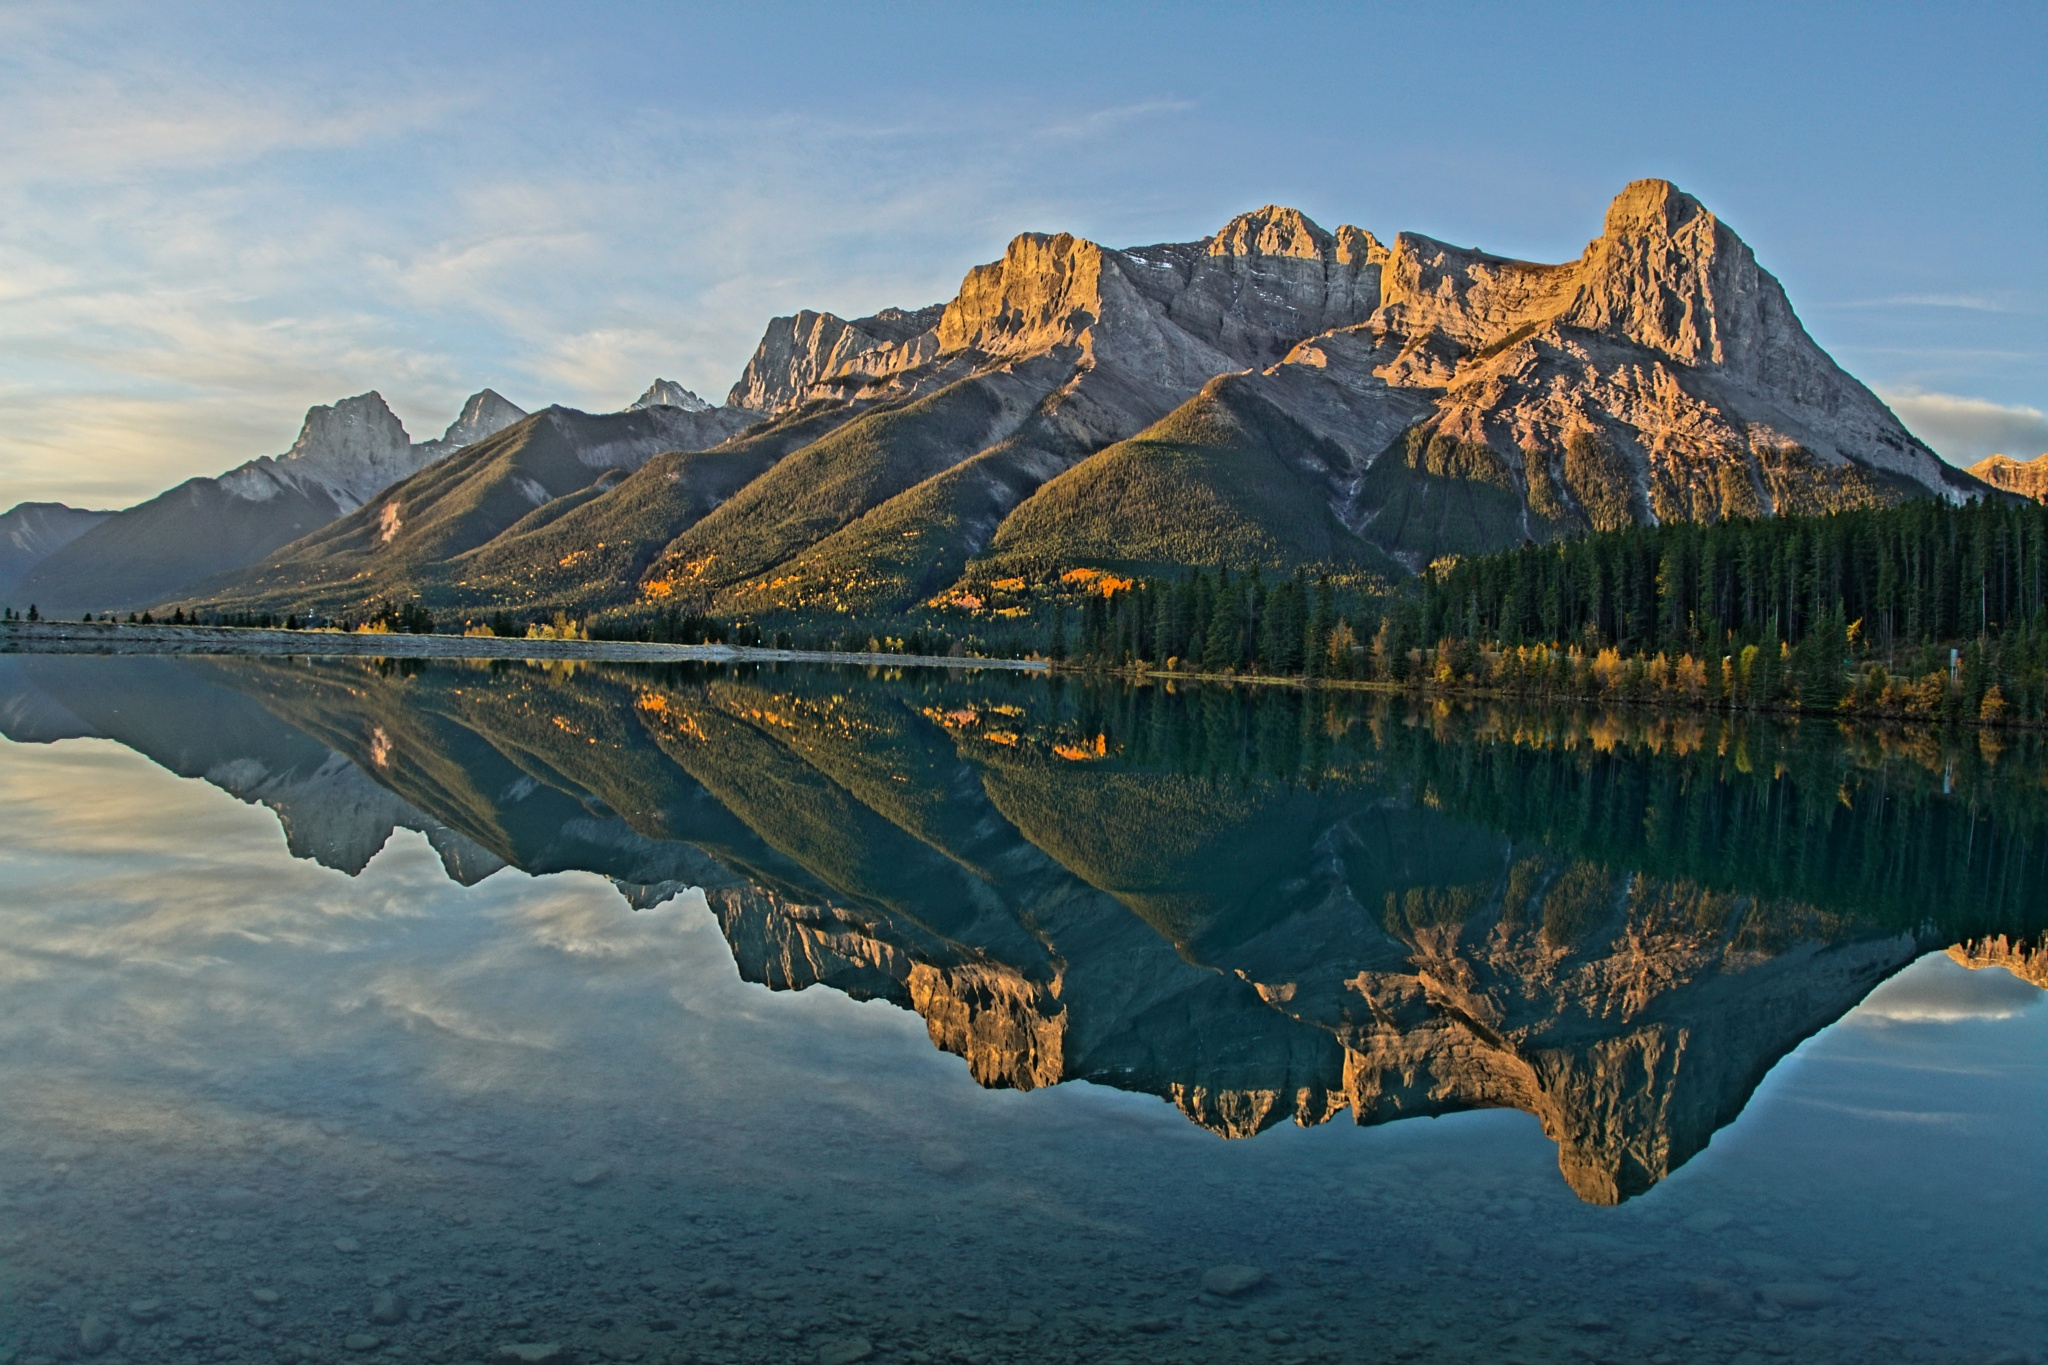 Mountain Reflection by Ryan Kole